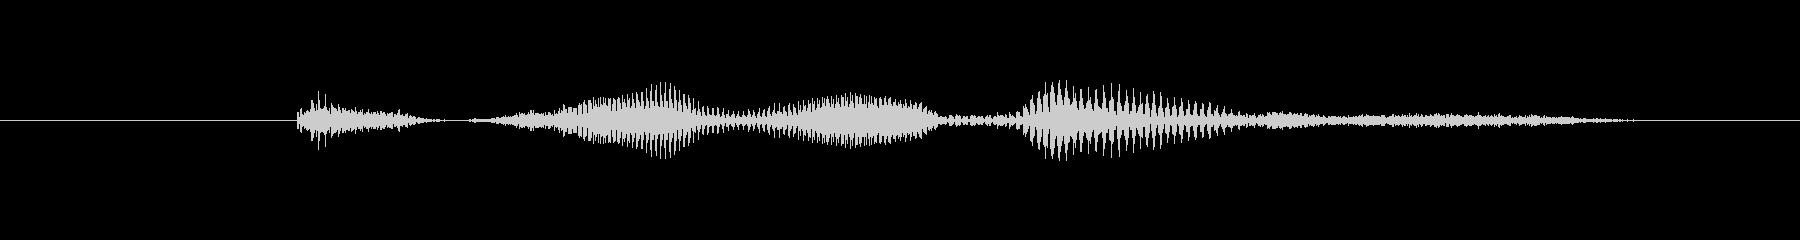 【時報・時間】1時ですの未再生の波形